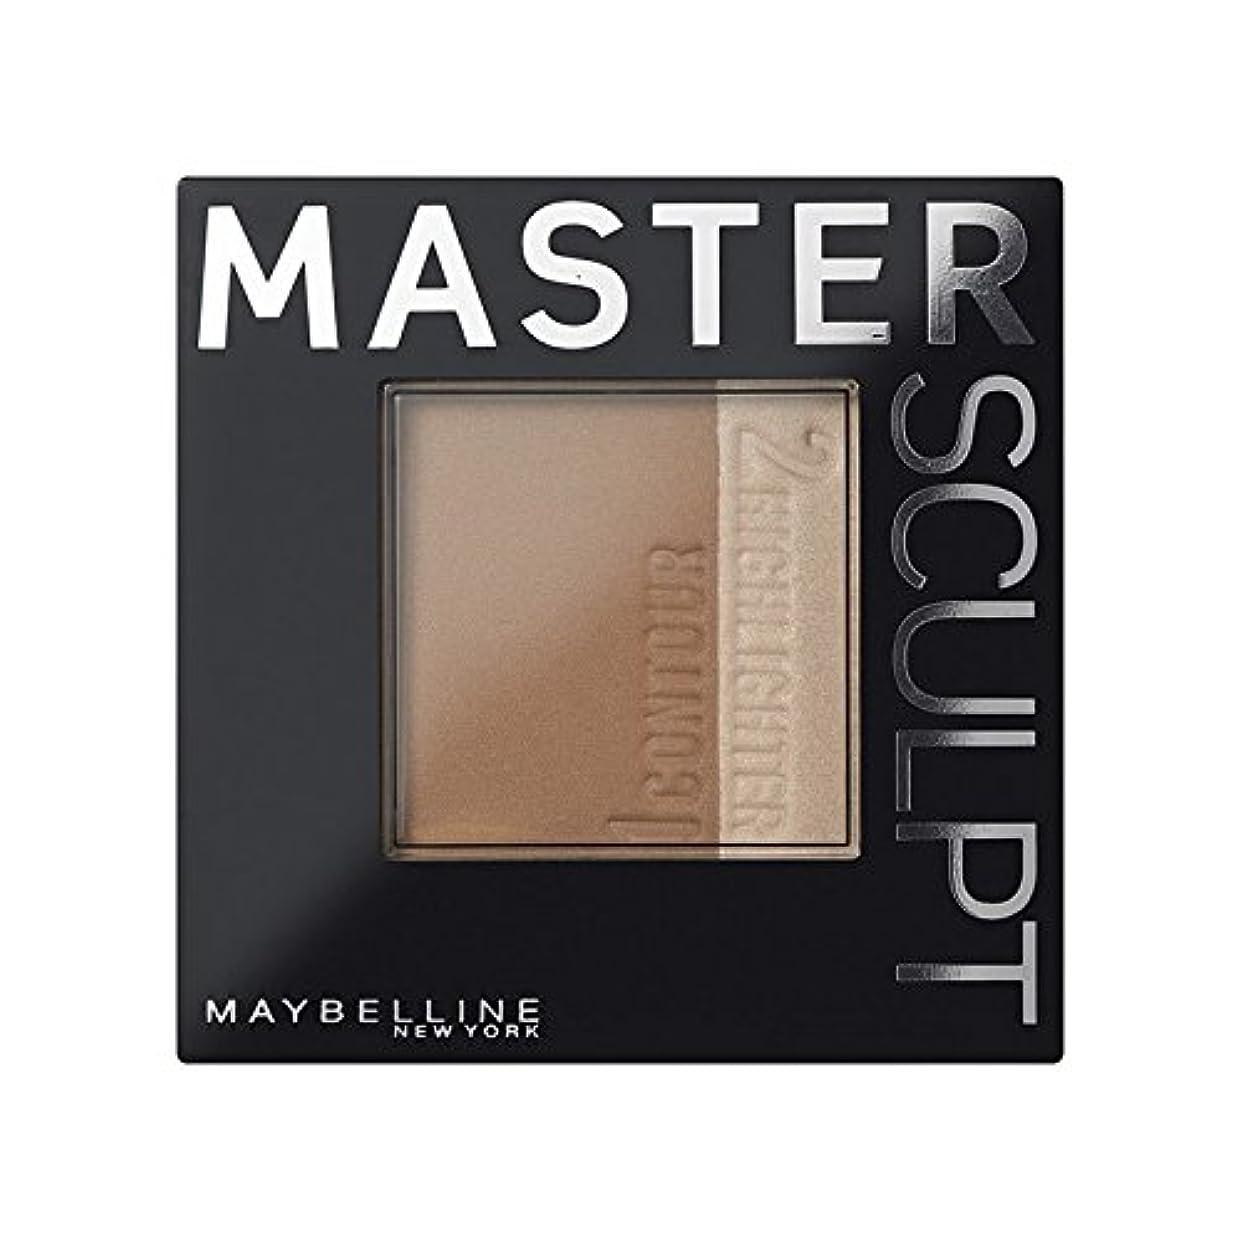 自明委託不適当土台01光/ を輪郭メイベリンマスタースカルプト x2 - Maybelline Master Sculpt Contouring Foundation 01 Light/Med (Pack of 2) [並行輸入品]